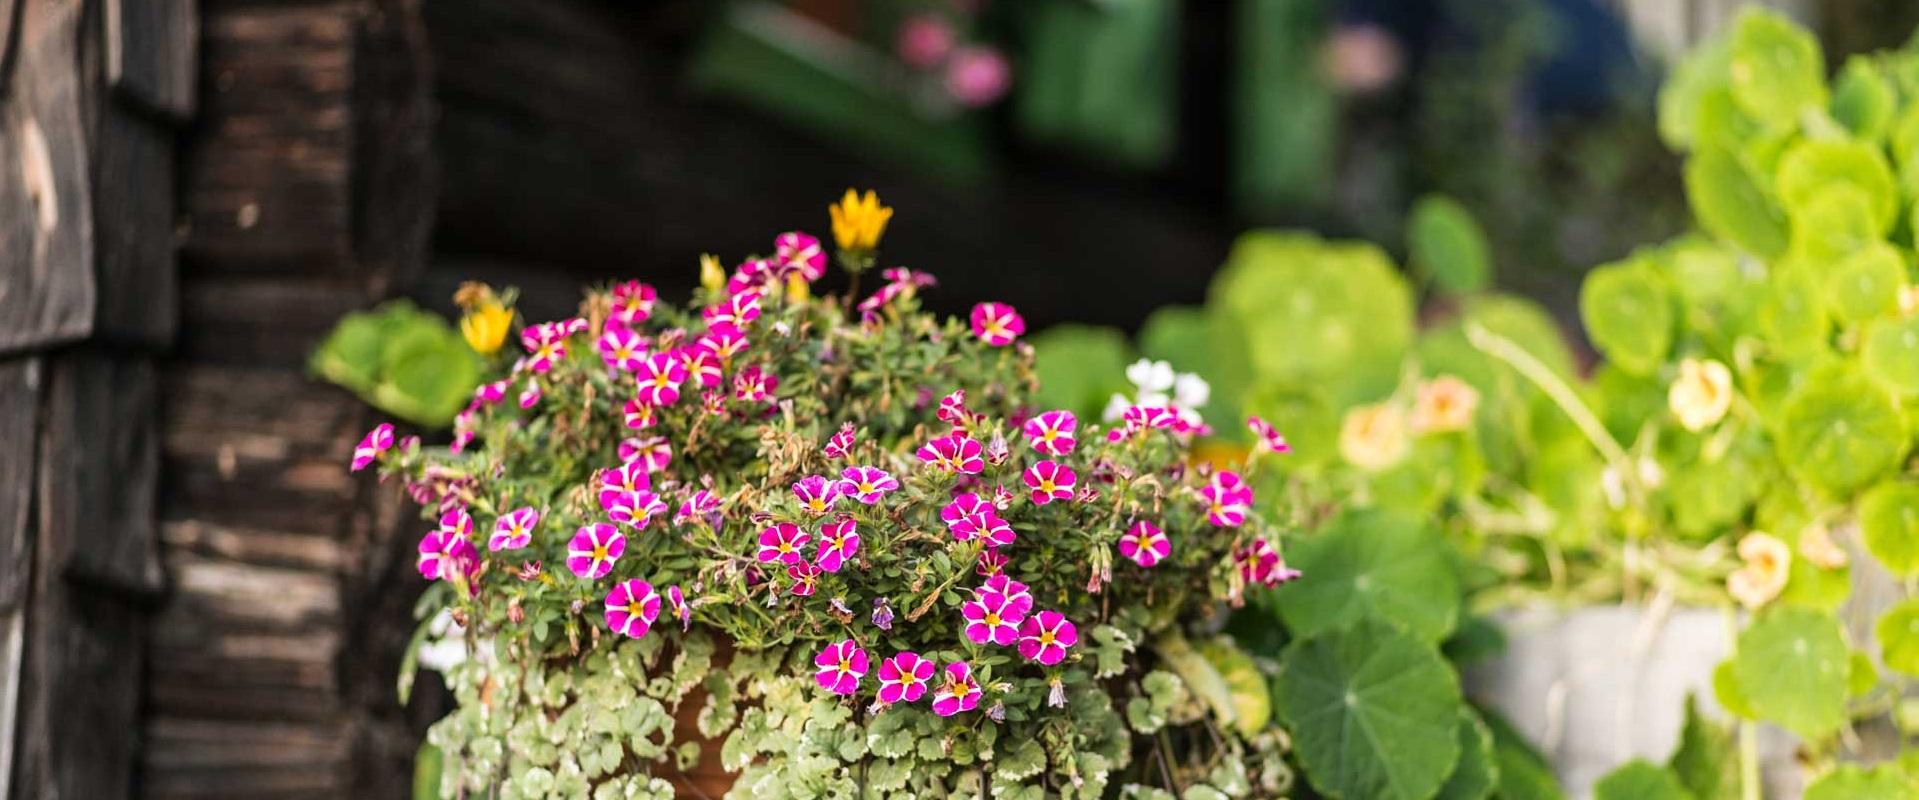 Blumenkistl